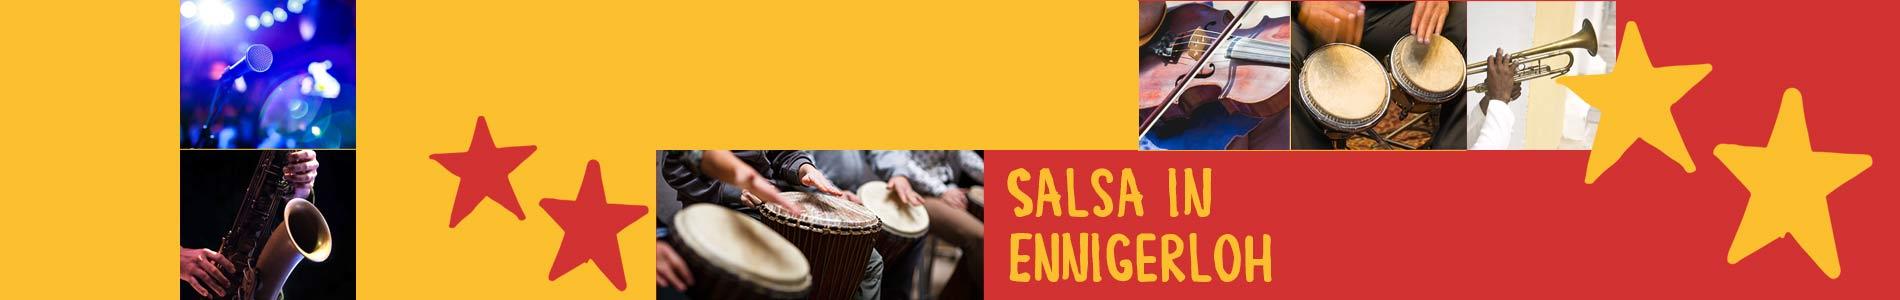 Salsa in Ennigerloh – Salsa lernen und tanzen, Tanzkurse, Partys, Veranstaltungen